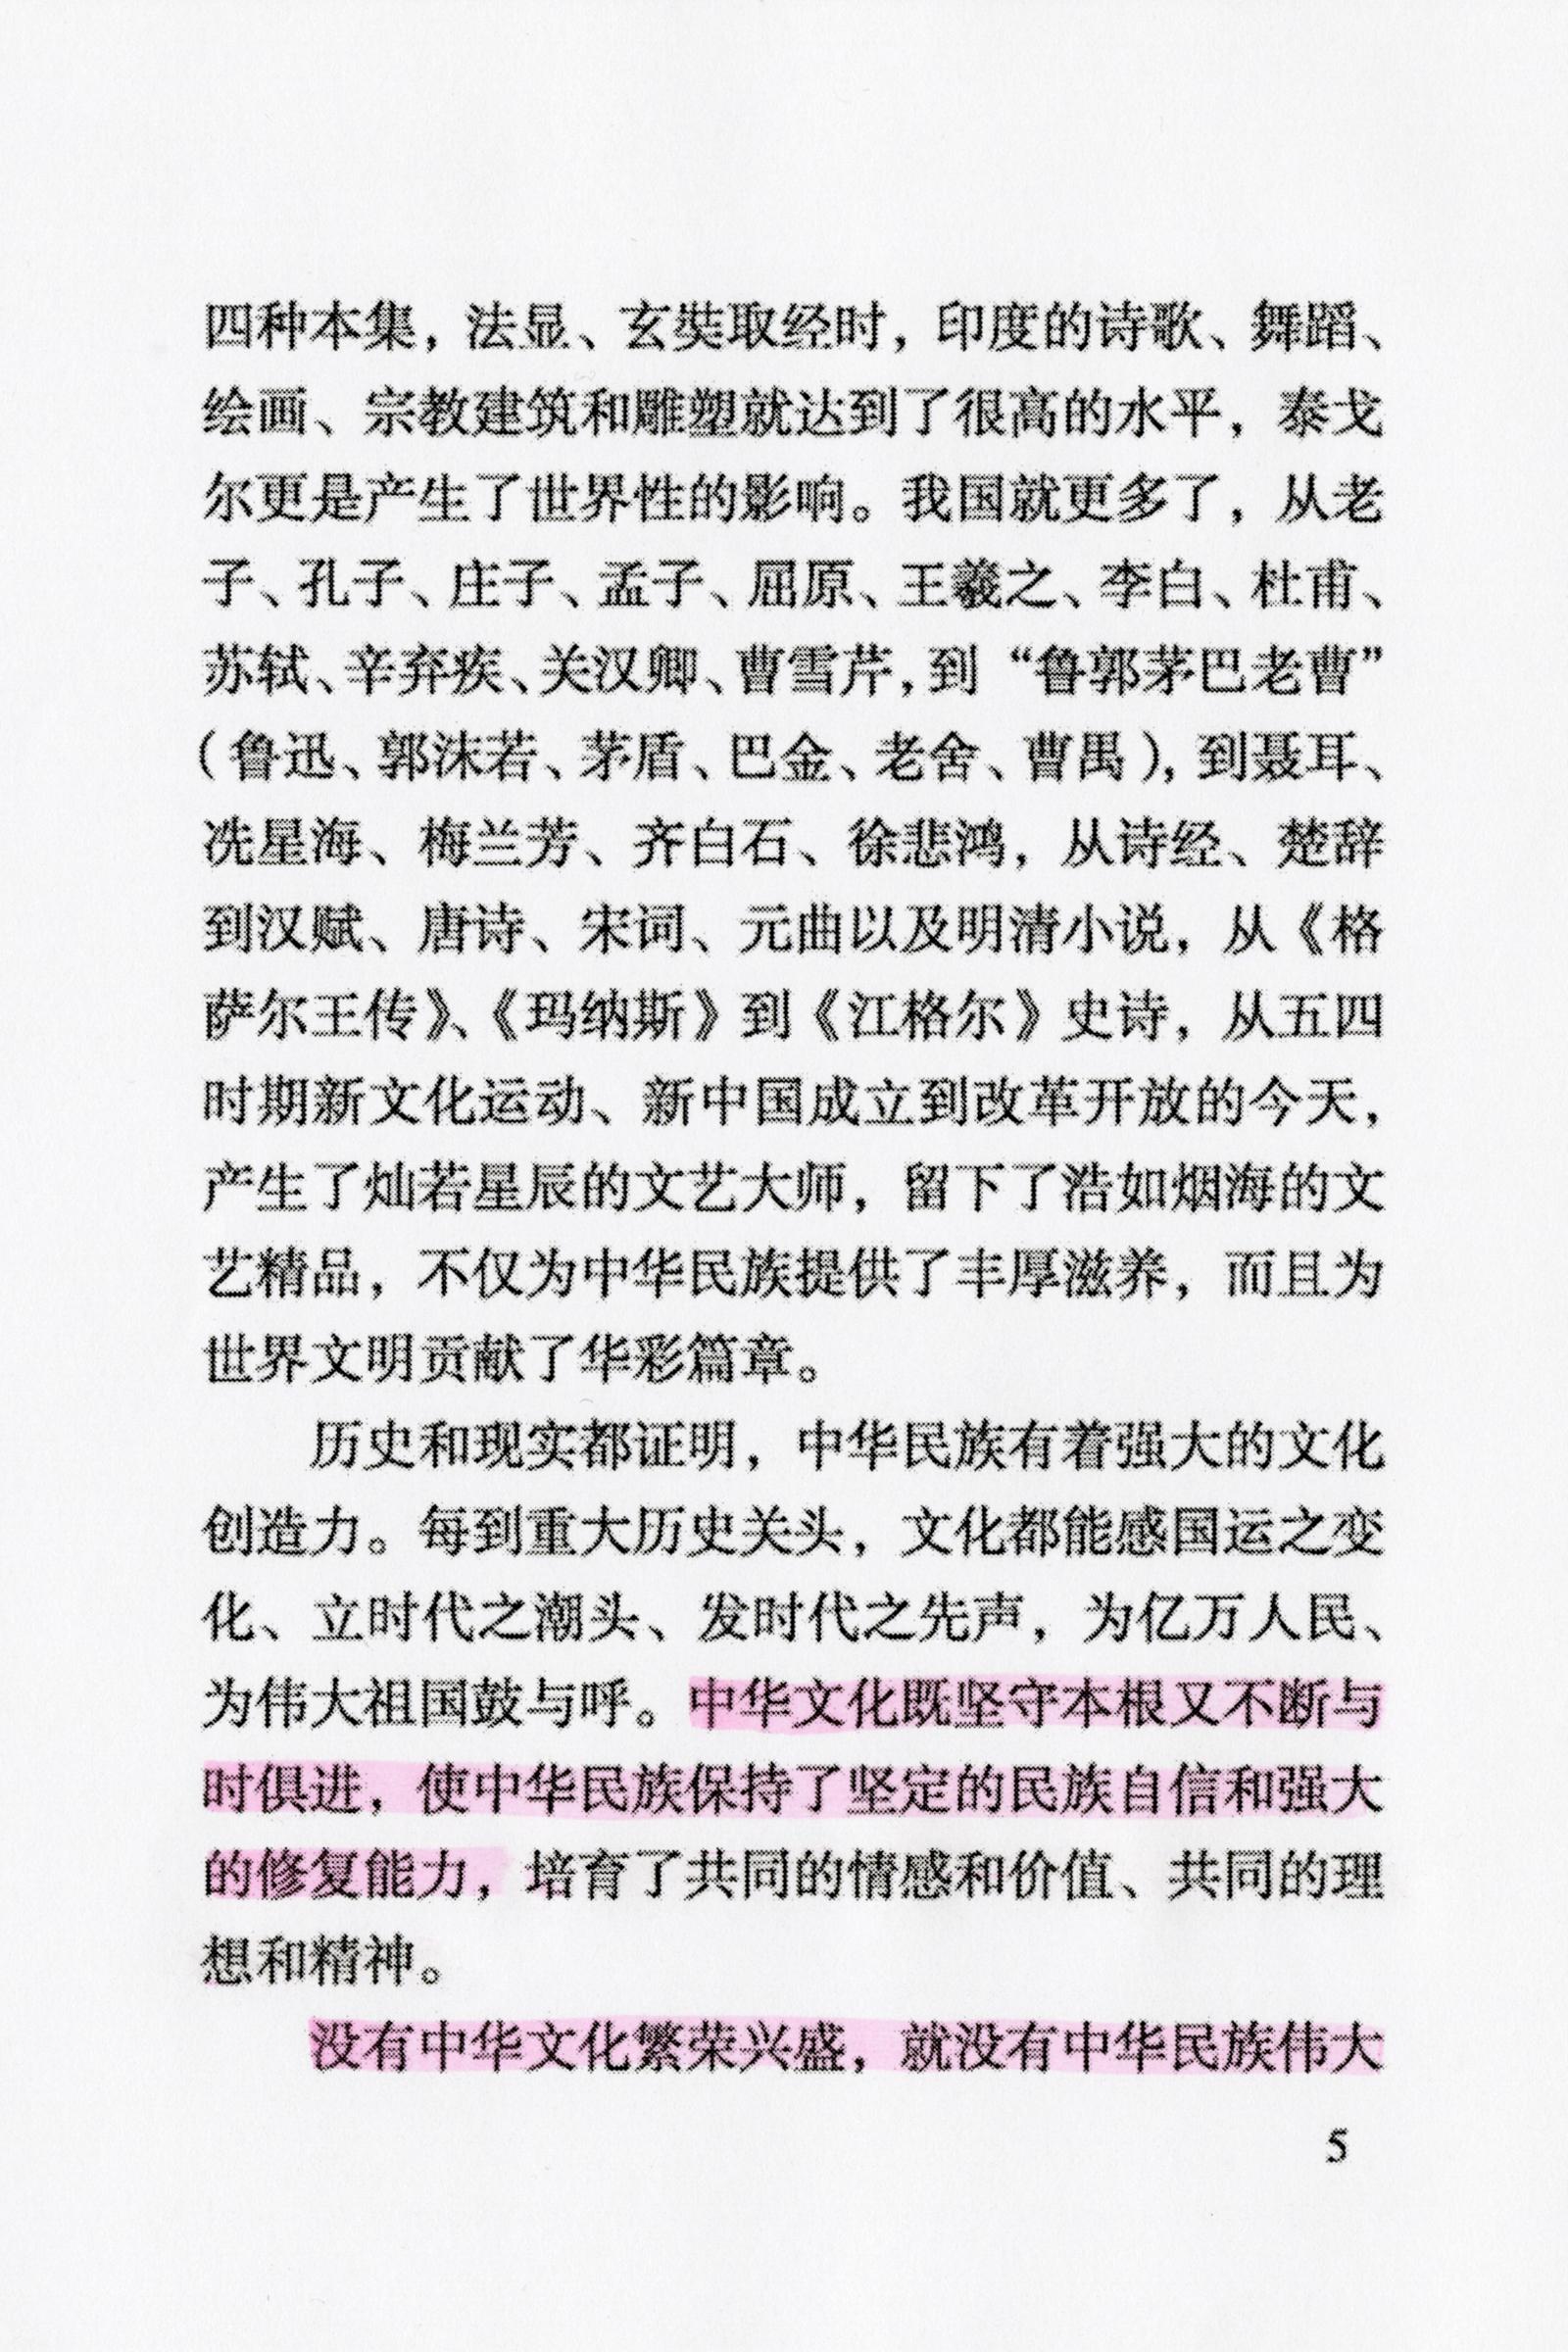 Xi2-3-6.jpg